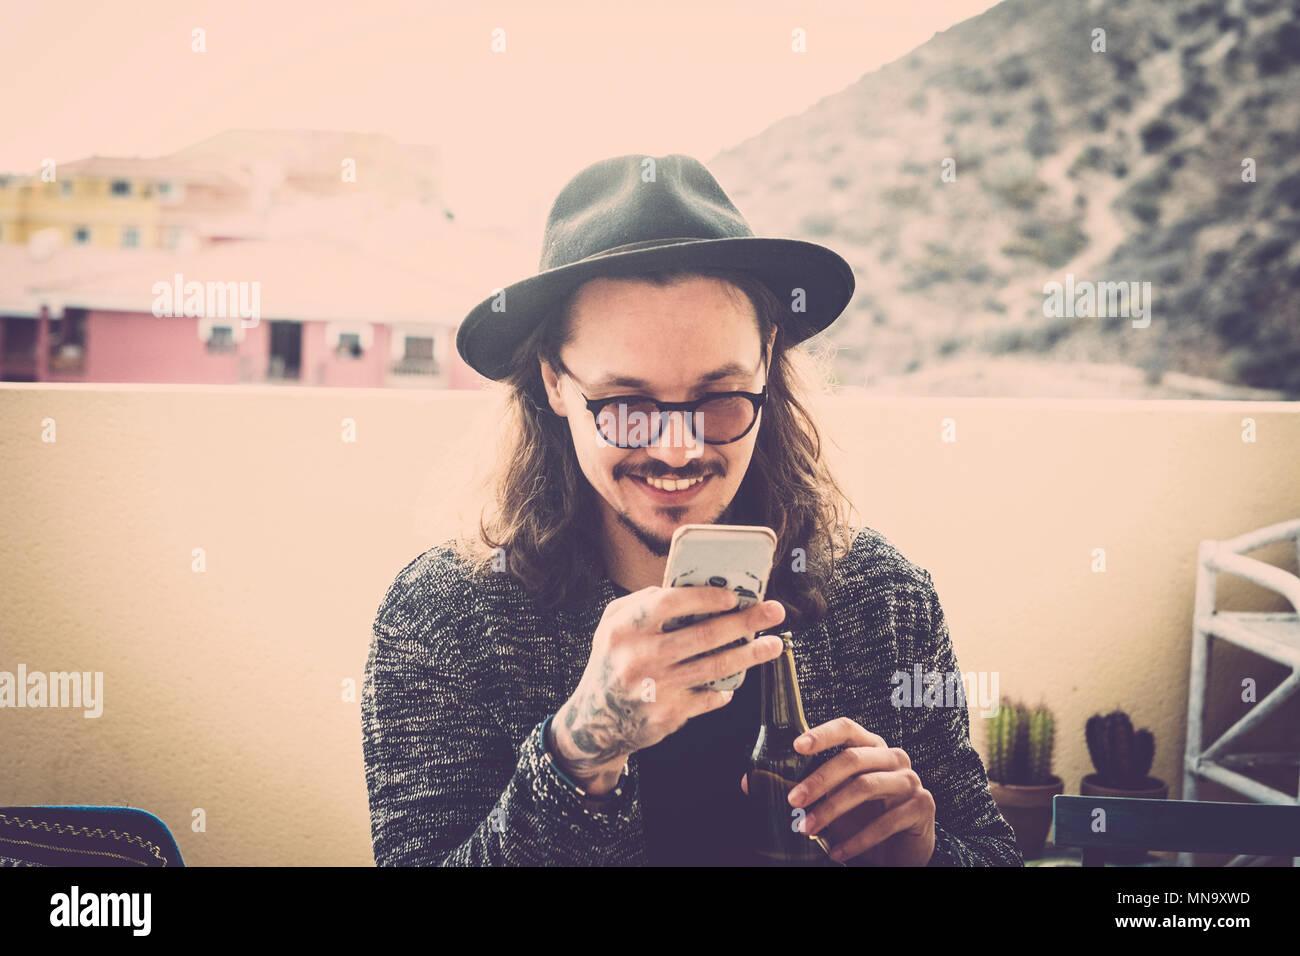 Capelli lunghi bella giovane uomo leggere e controllare il telefono sul roofteop terrazza all'aperto. cappello nero e occhiali e tatuaggio sulla mano. moda modello nic sith Immagini Stock